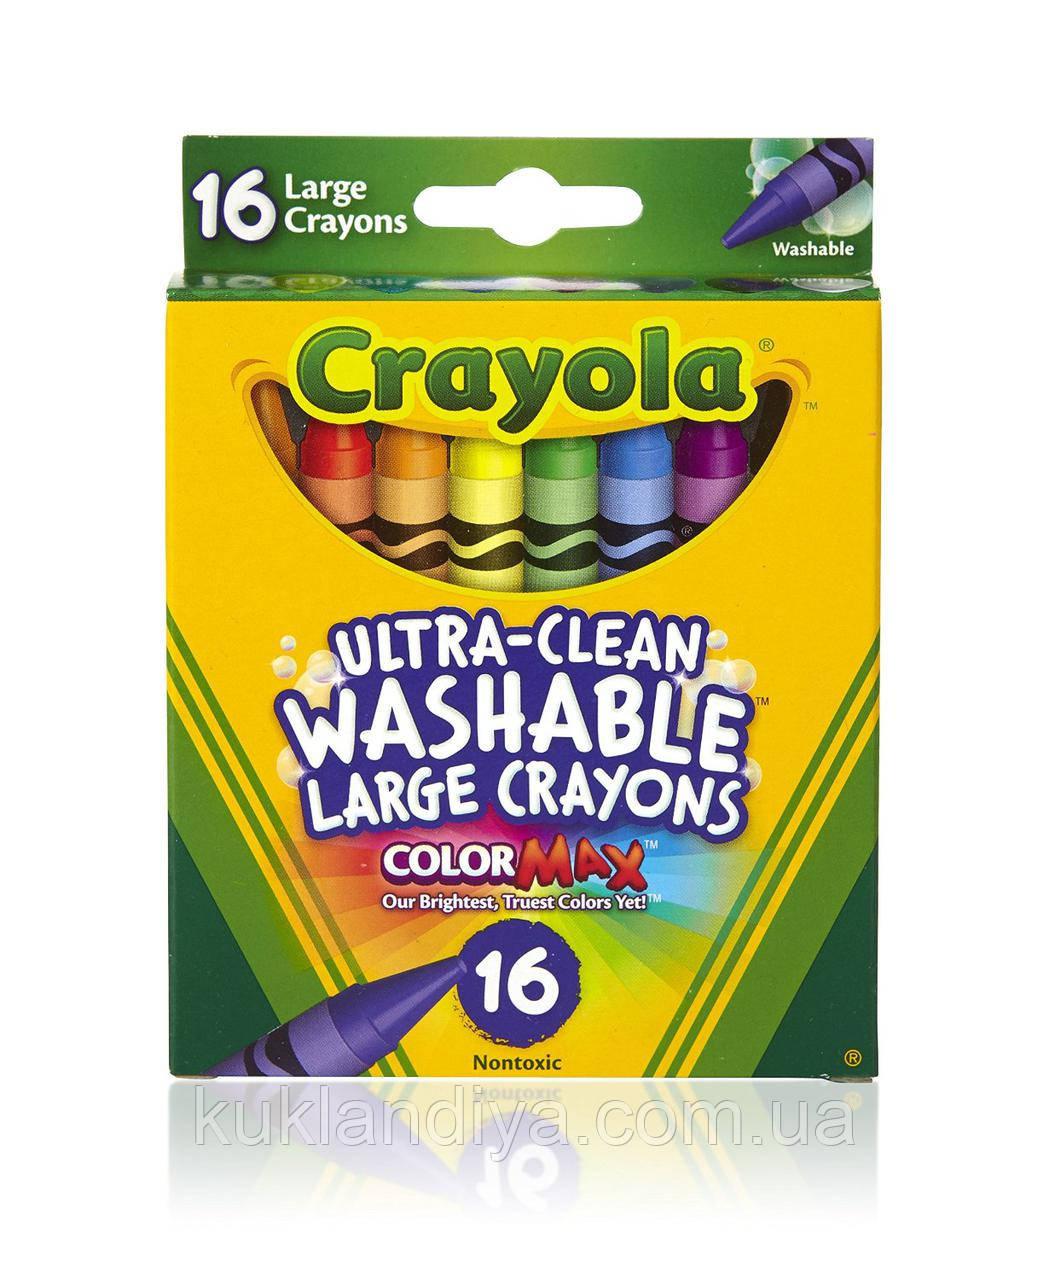 Карандаши смываемые Crayola Ultra Clean Large Crayons  16 цветов. Оригинал